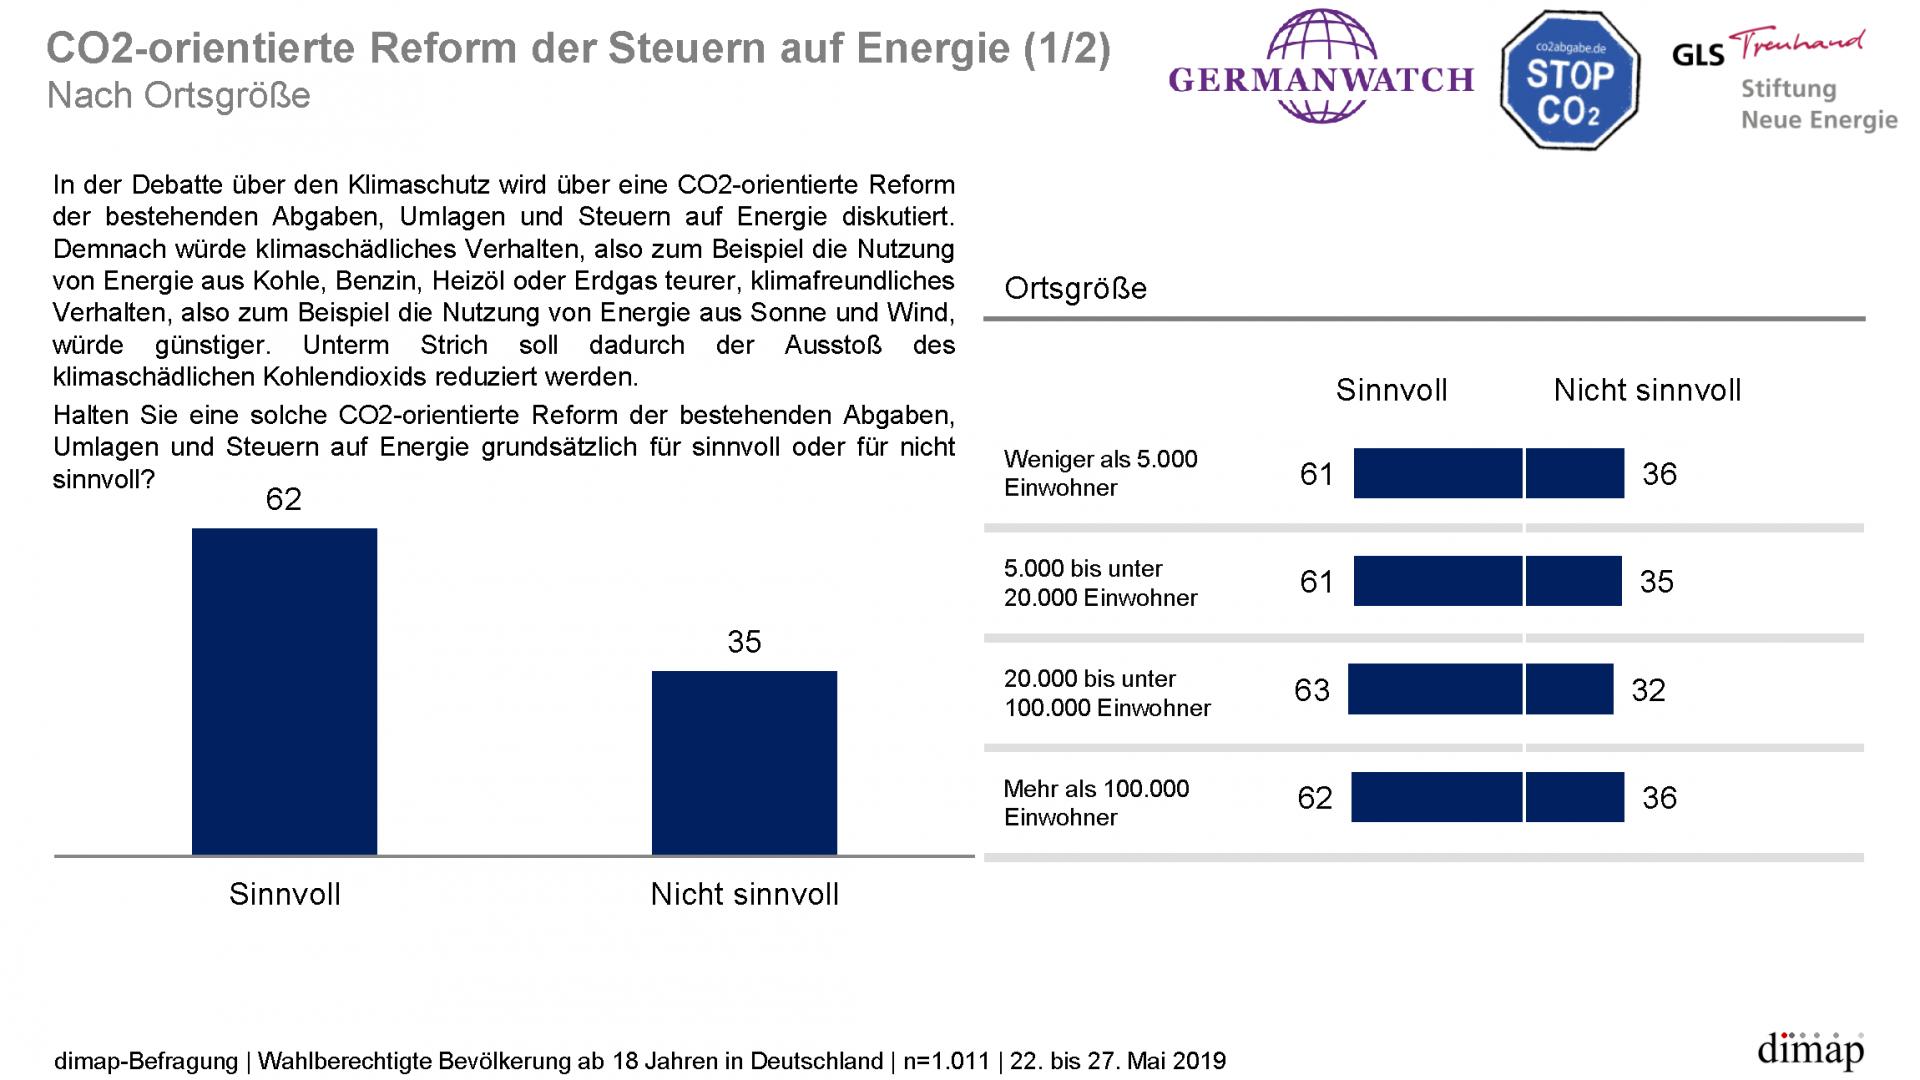 """""""Meinungen zum Klimaschutz"""" - Repräsentative dimap-Umfrage (22. bis 27. Mai 2019) im Auftrag von Germanwatch, Stiftung Neue Energie und CO2 Abgabe e.V., Ergebnisgrafik 12 von 14"""